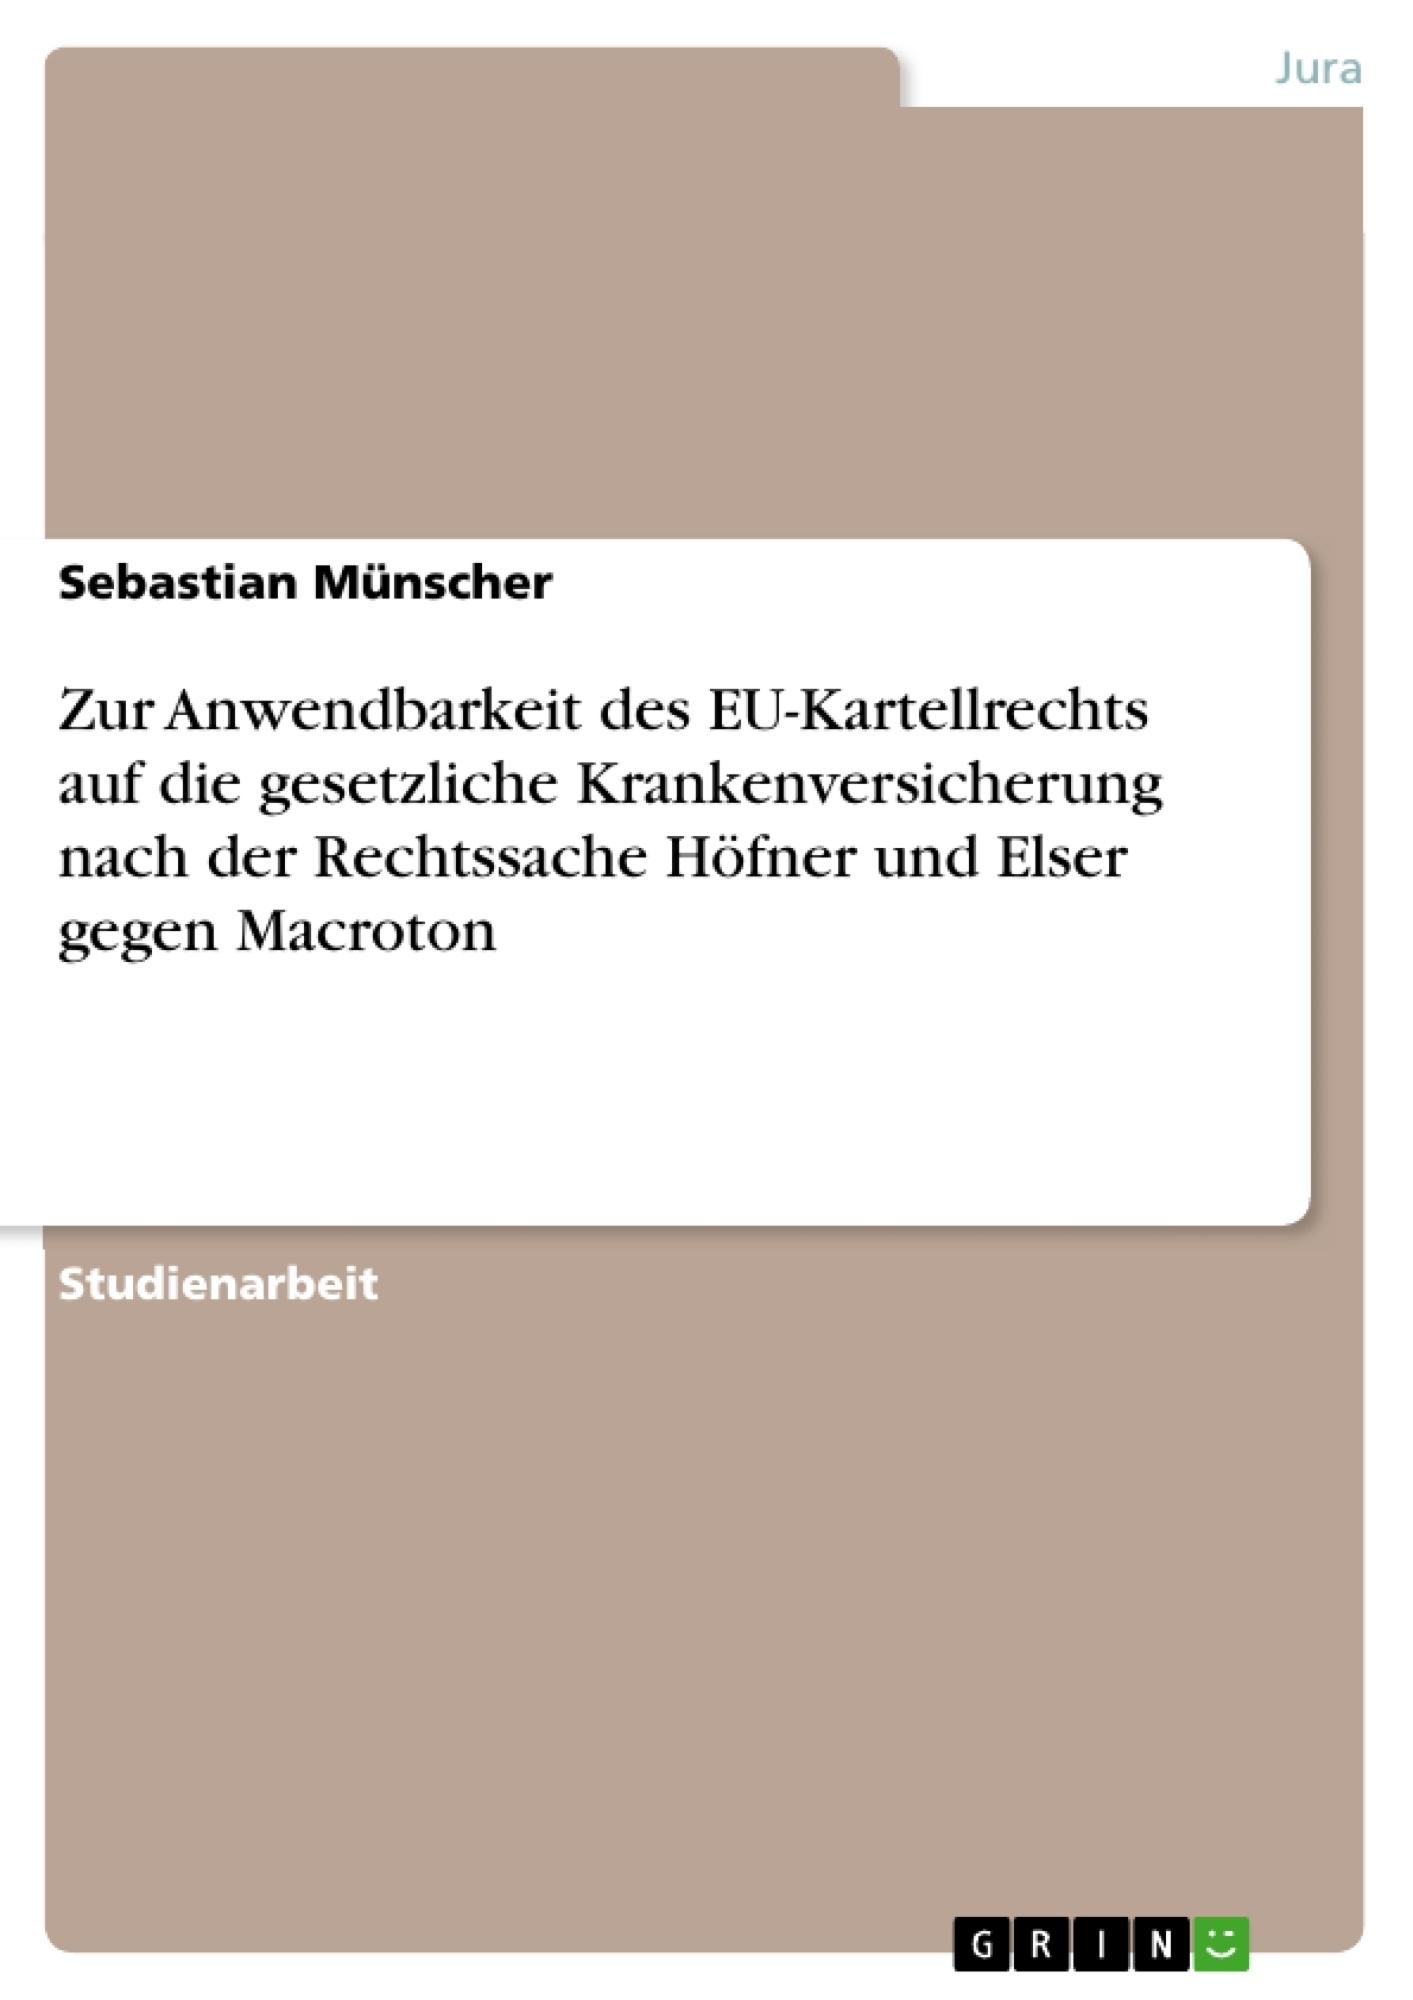 Titel: Zur Anwendbarkeit des EU-Kartellrechts auf die gesetzliche Krankenversicherung nach der Rechtssache Höfner und Elser gegen Macroton